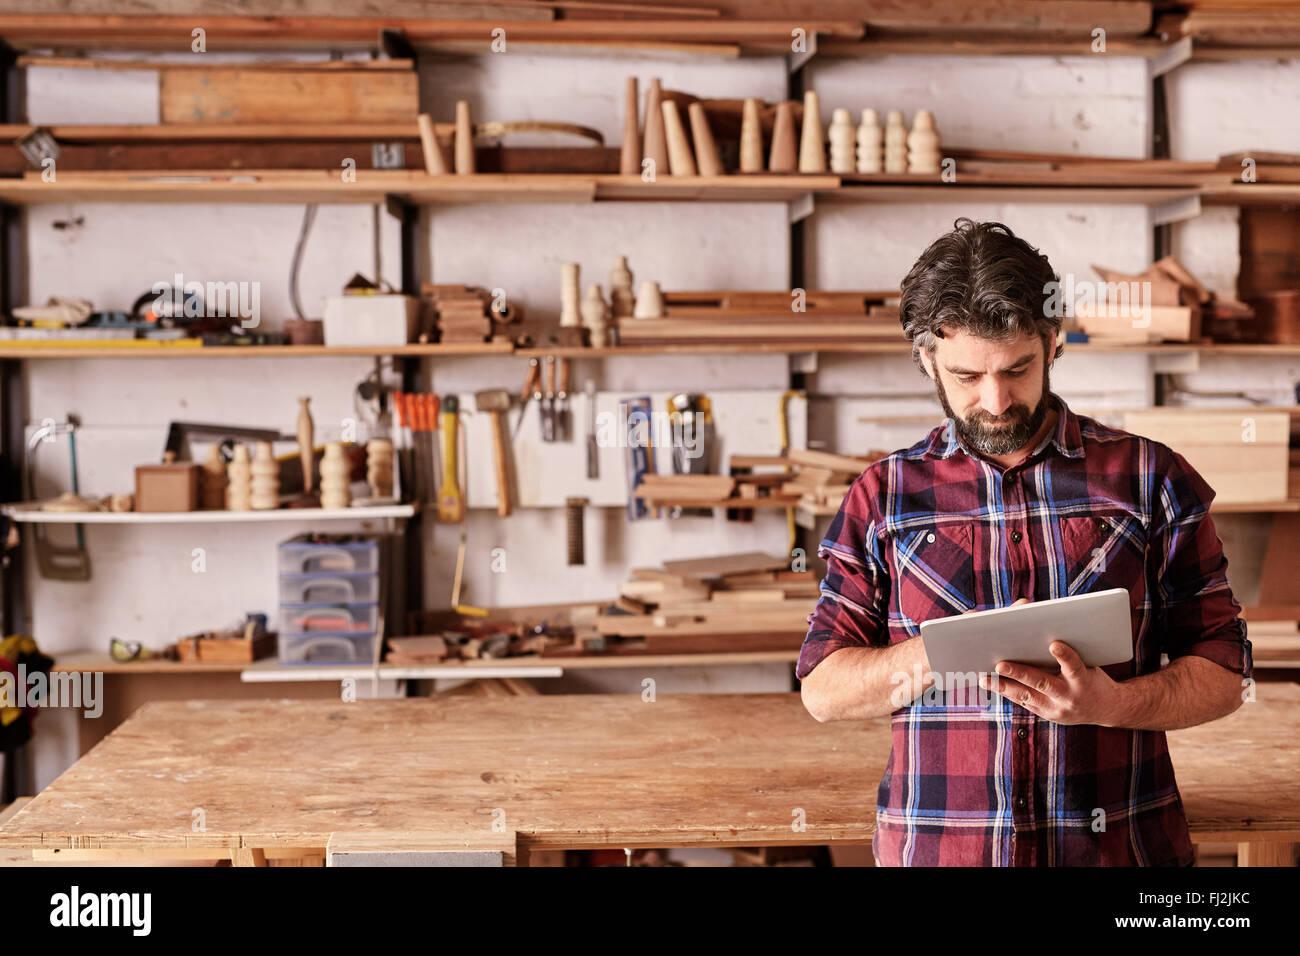 Artisan carpenter in his woodwork studio using digital tablet - Stock Image